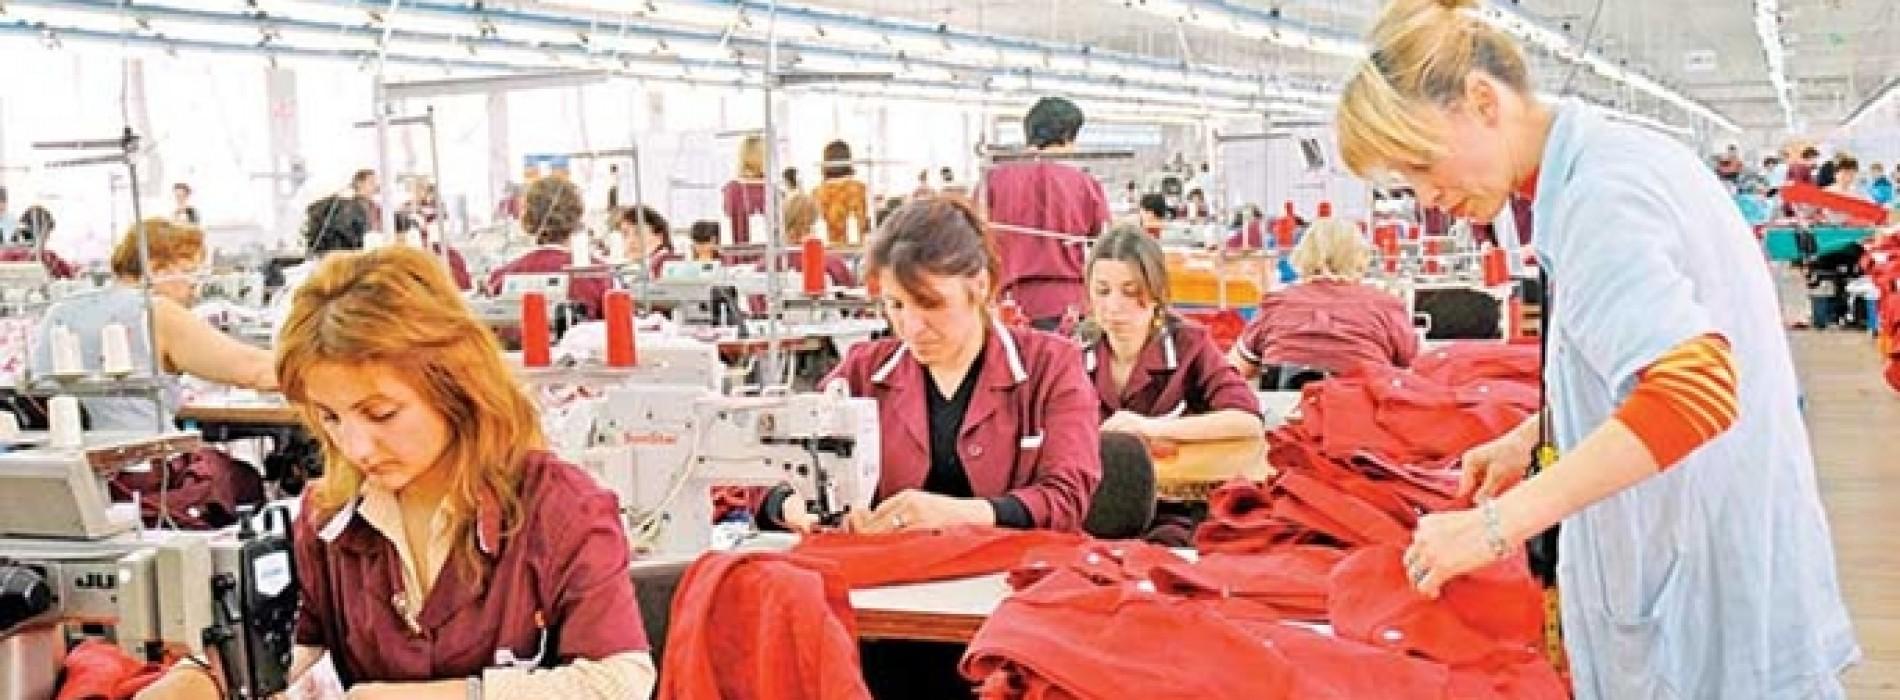 Türkiye, 100. Yıl Hedeflerinde Kadınlar Olmadan Başarılı Olamaz.